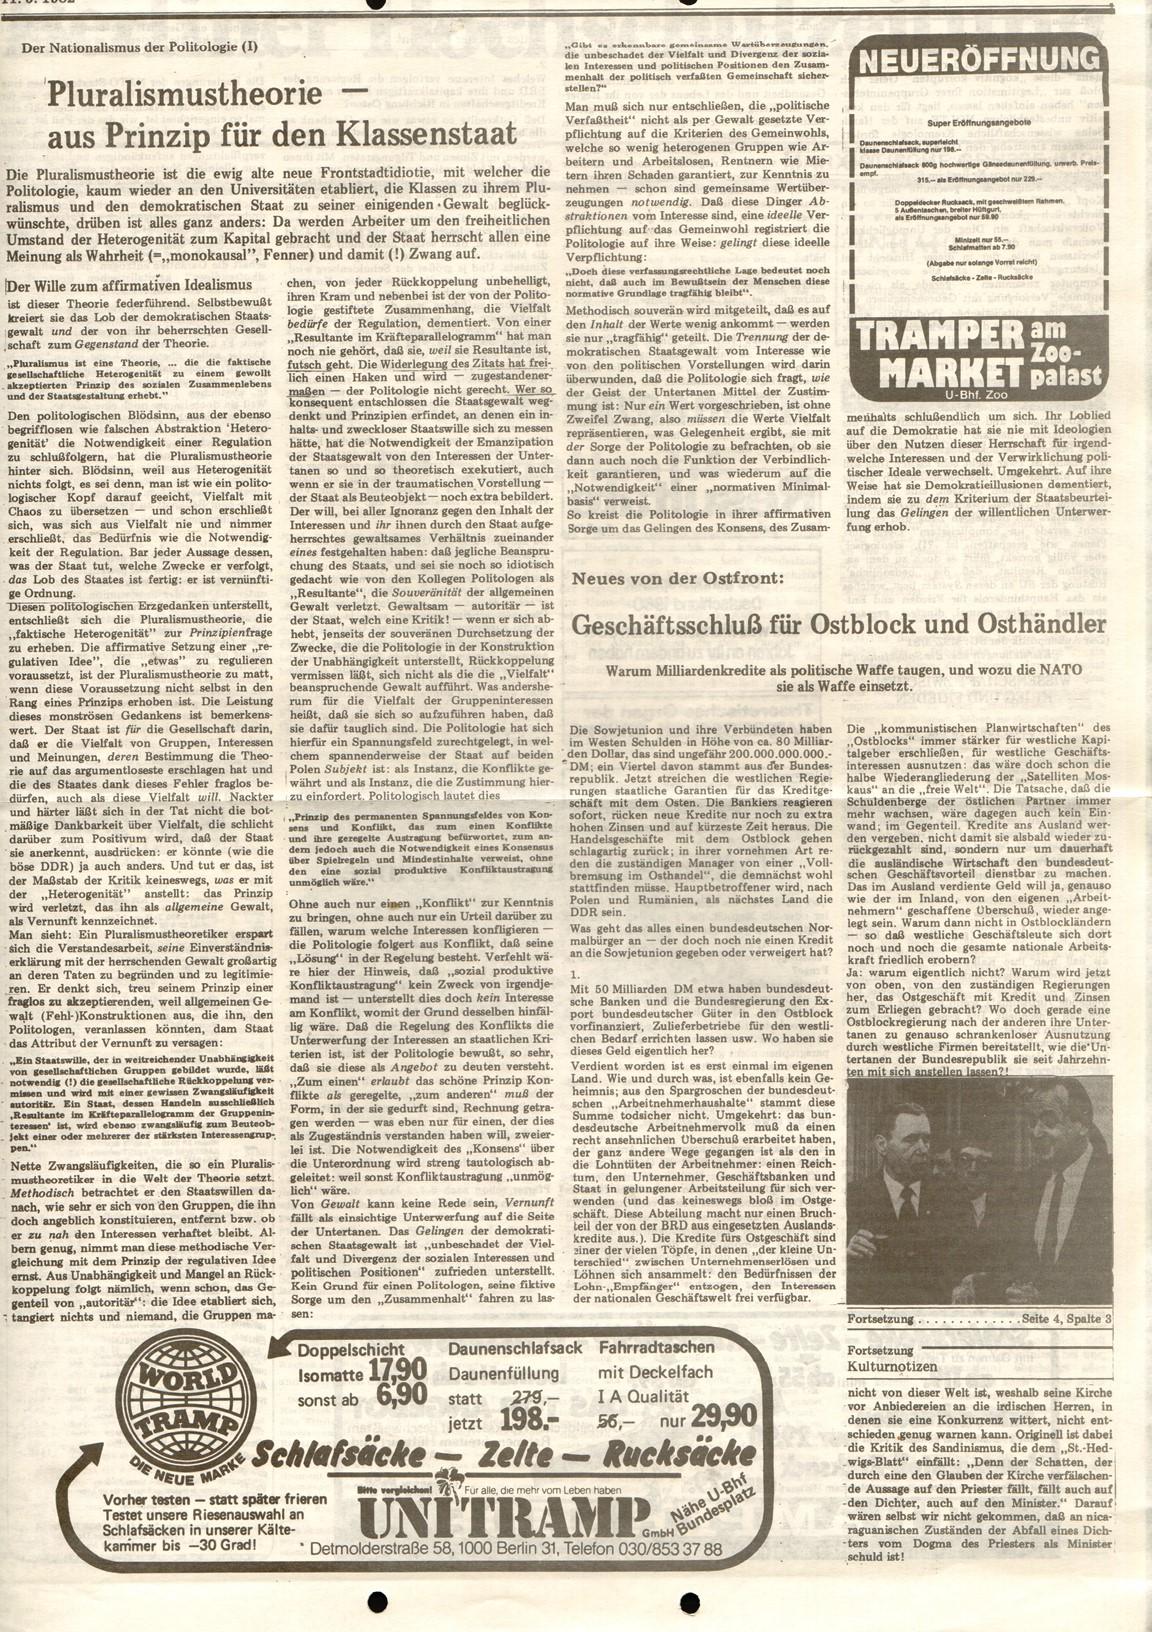 Berlin_MG_Hochschulzeitung_19820511_03